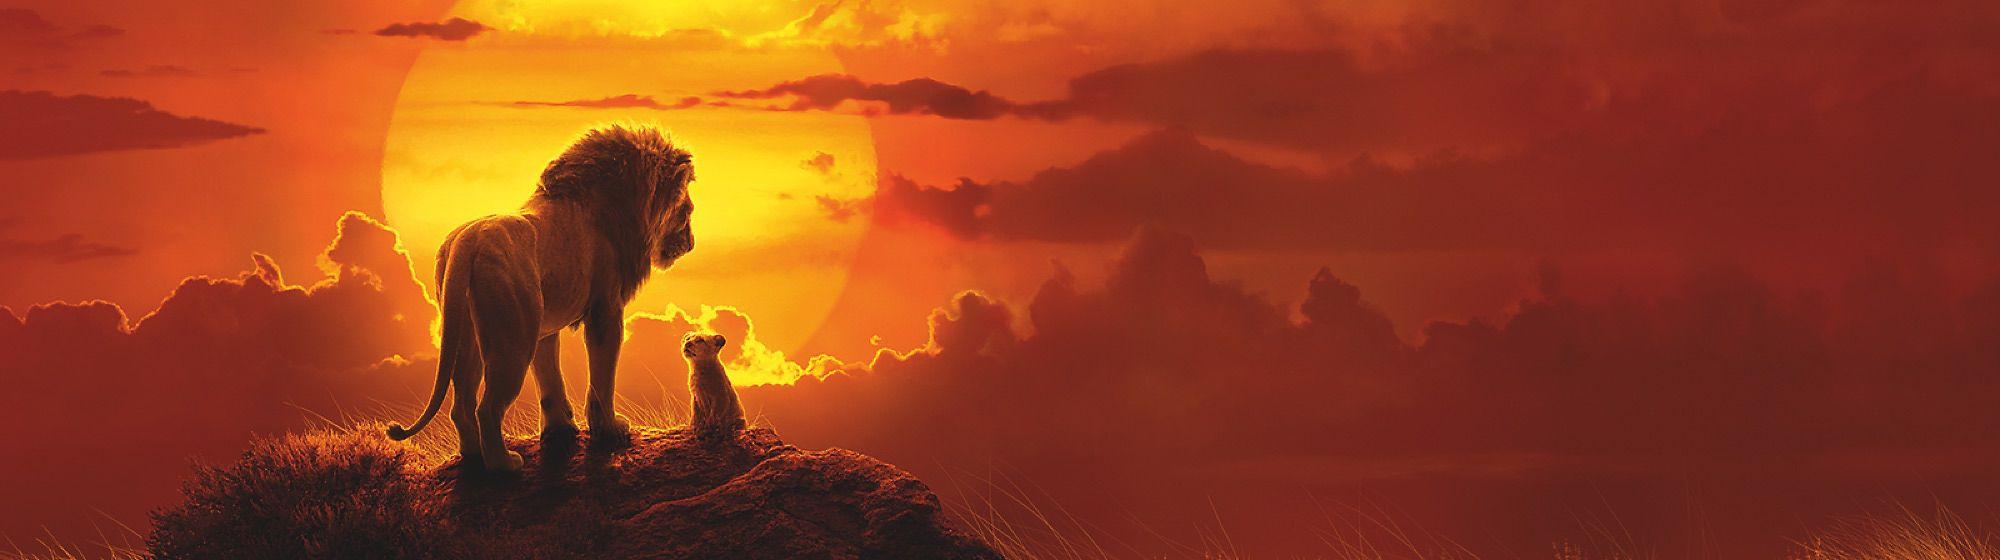 Dans la savane, Simba, le Roi Lion veille sur les animaux sauvages et protège son territoire avec Timon, Pumbaa ou encore Nala.